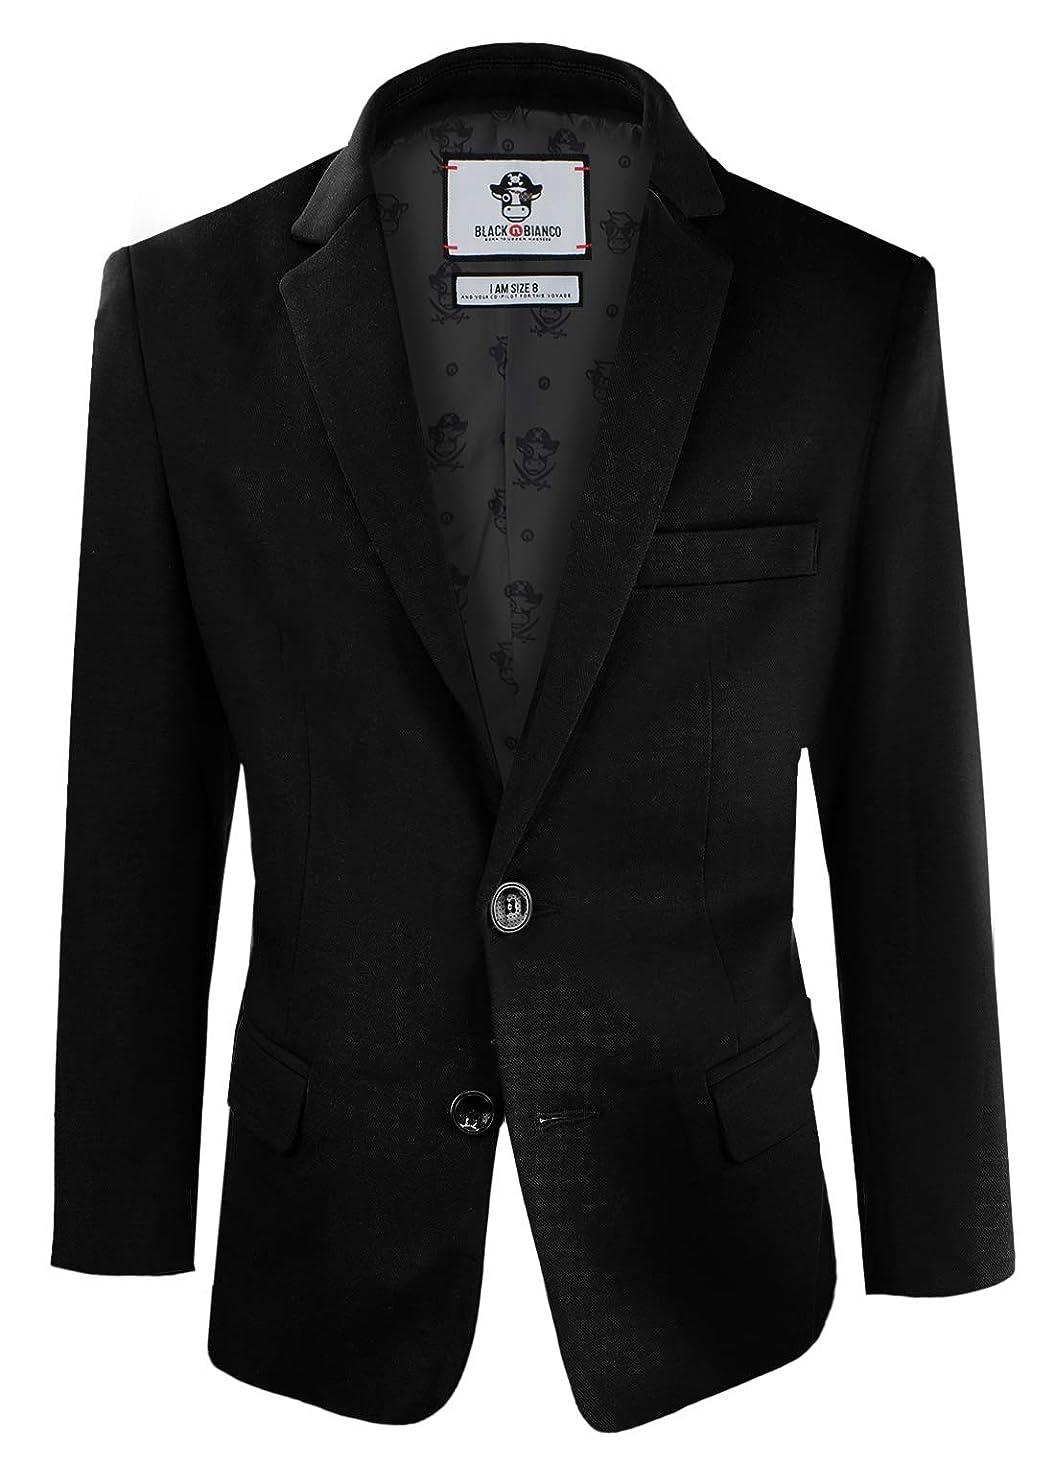 Black n Bianco Boys' Twill Blazer Jacket Formal or Casual Presented by Captin Baby Milan